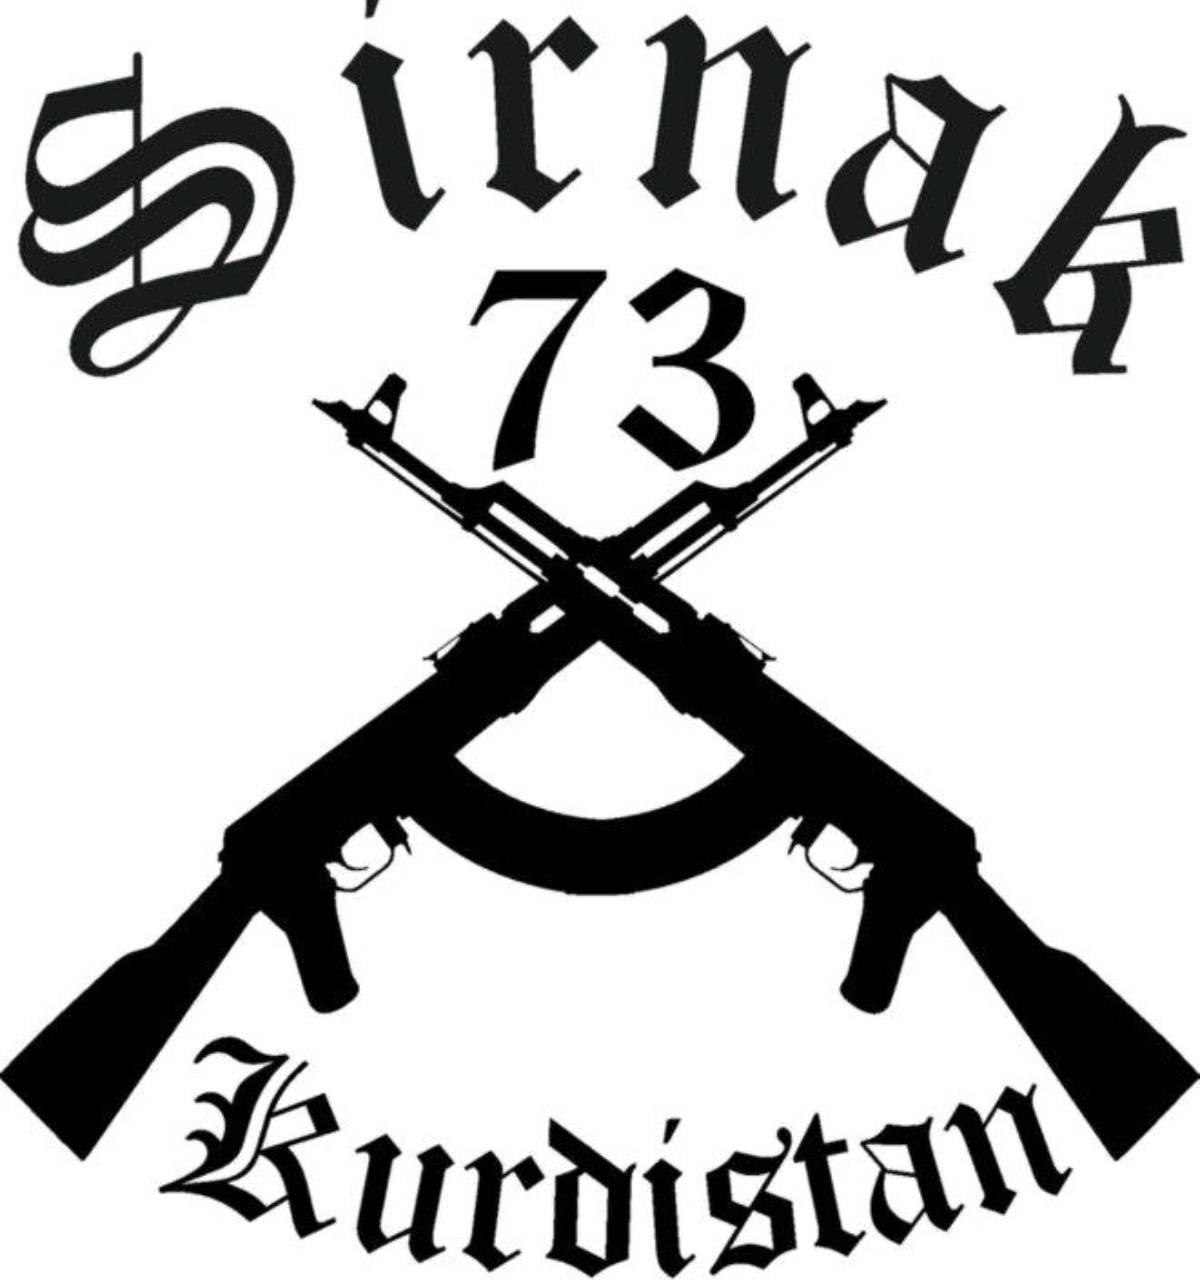 Sirnak 73